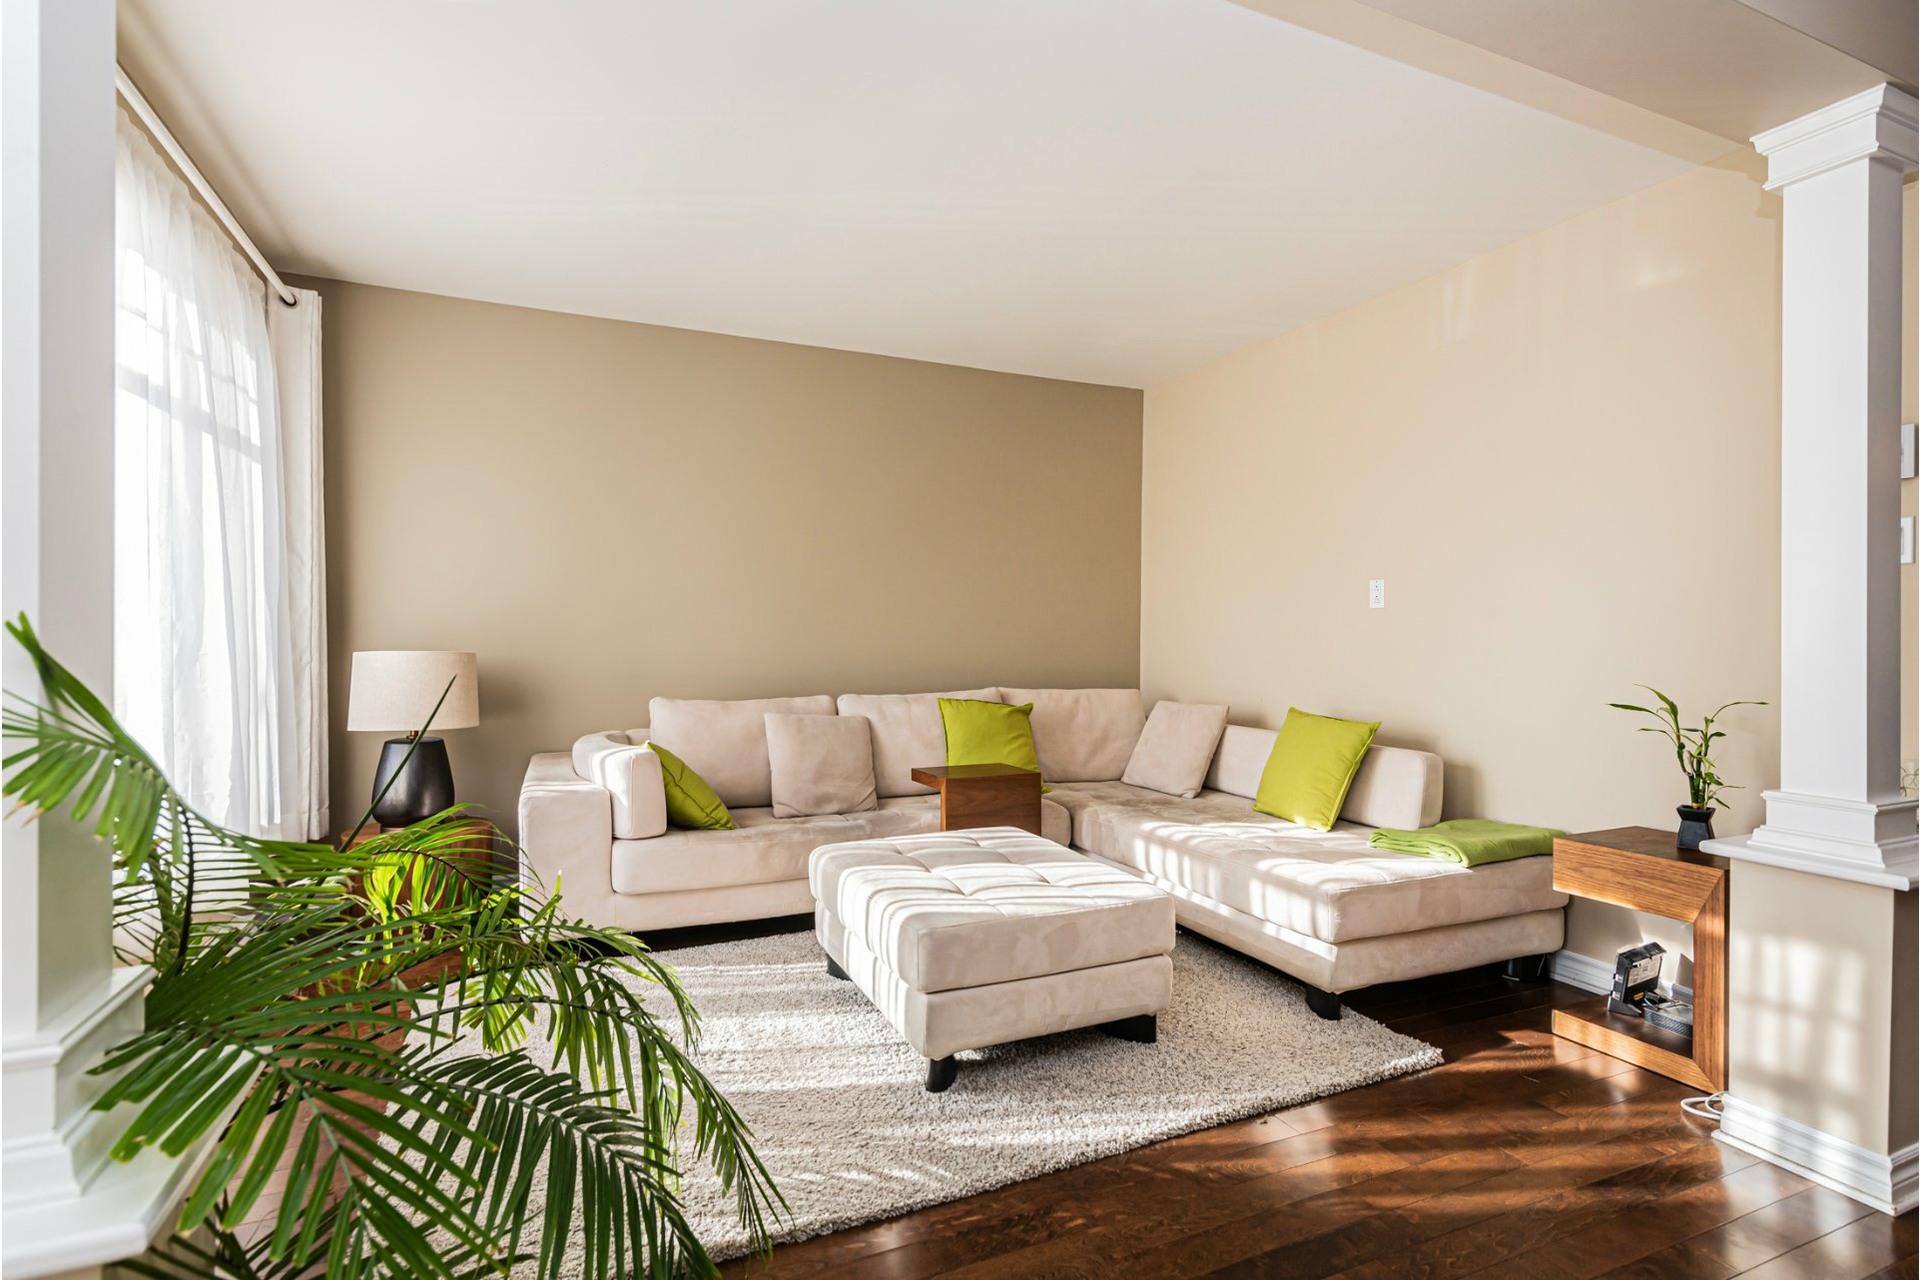 image 5 - Appartement À vendre Lachine Montréal  - 11 pièces